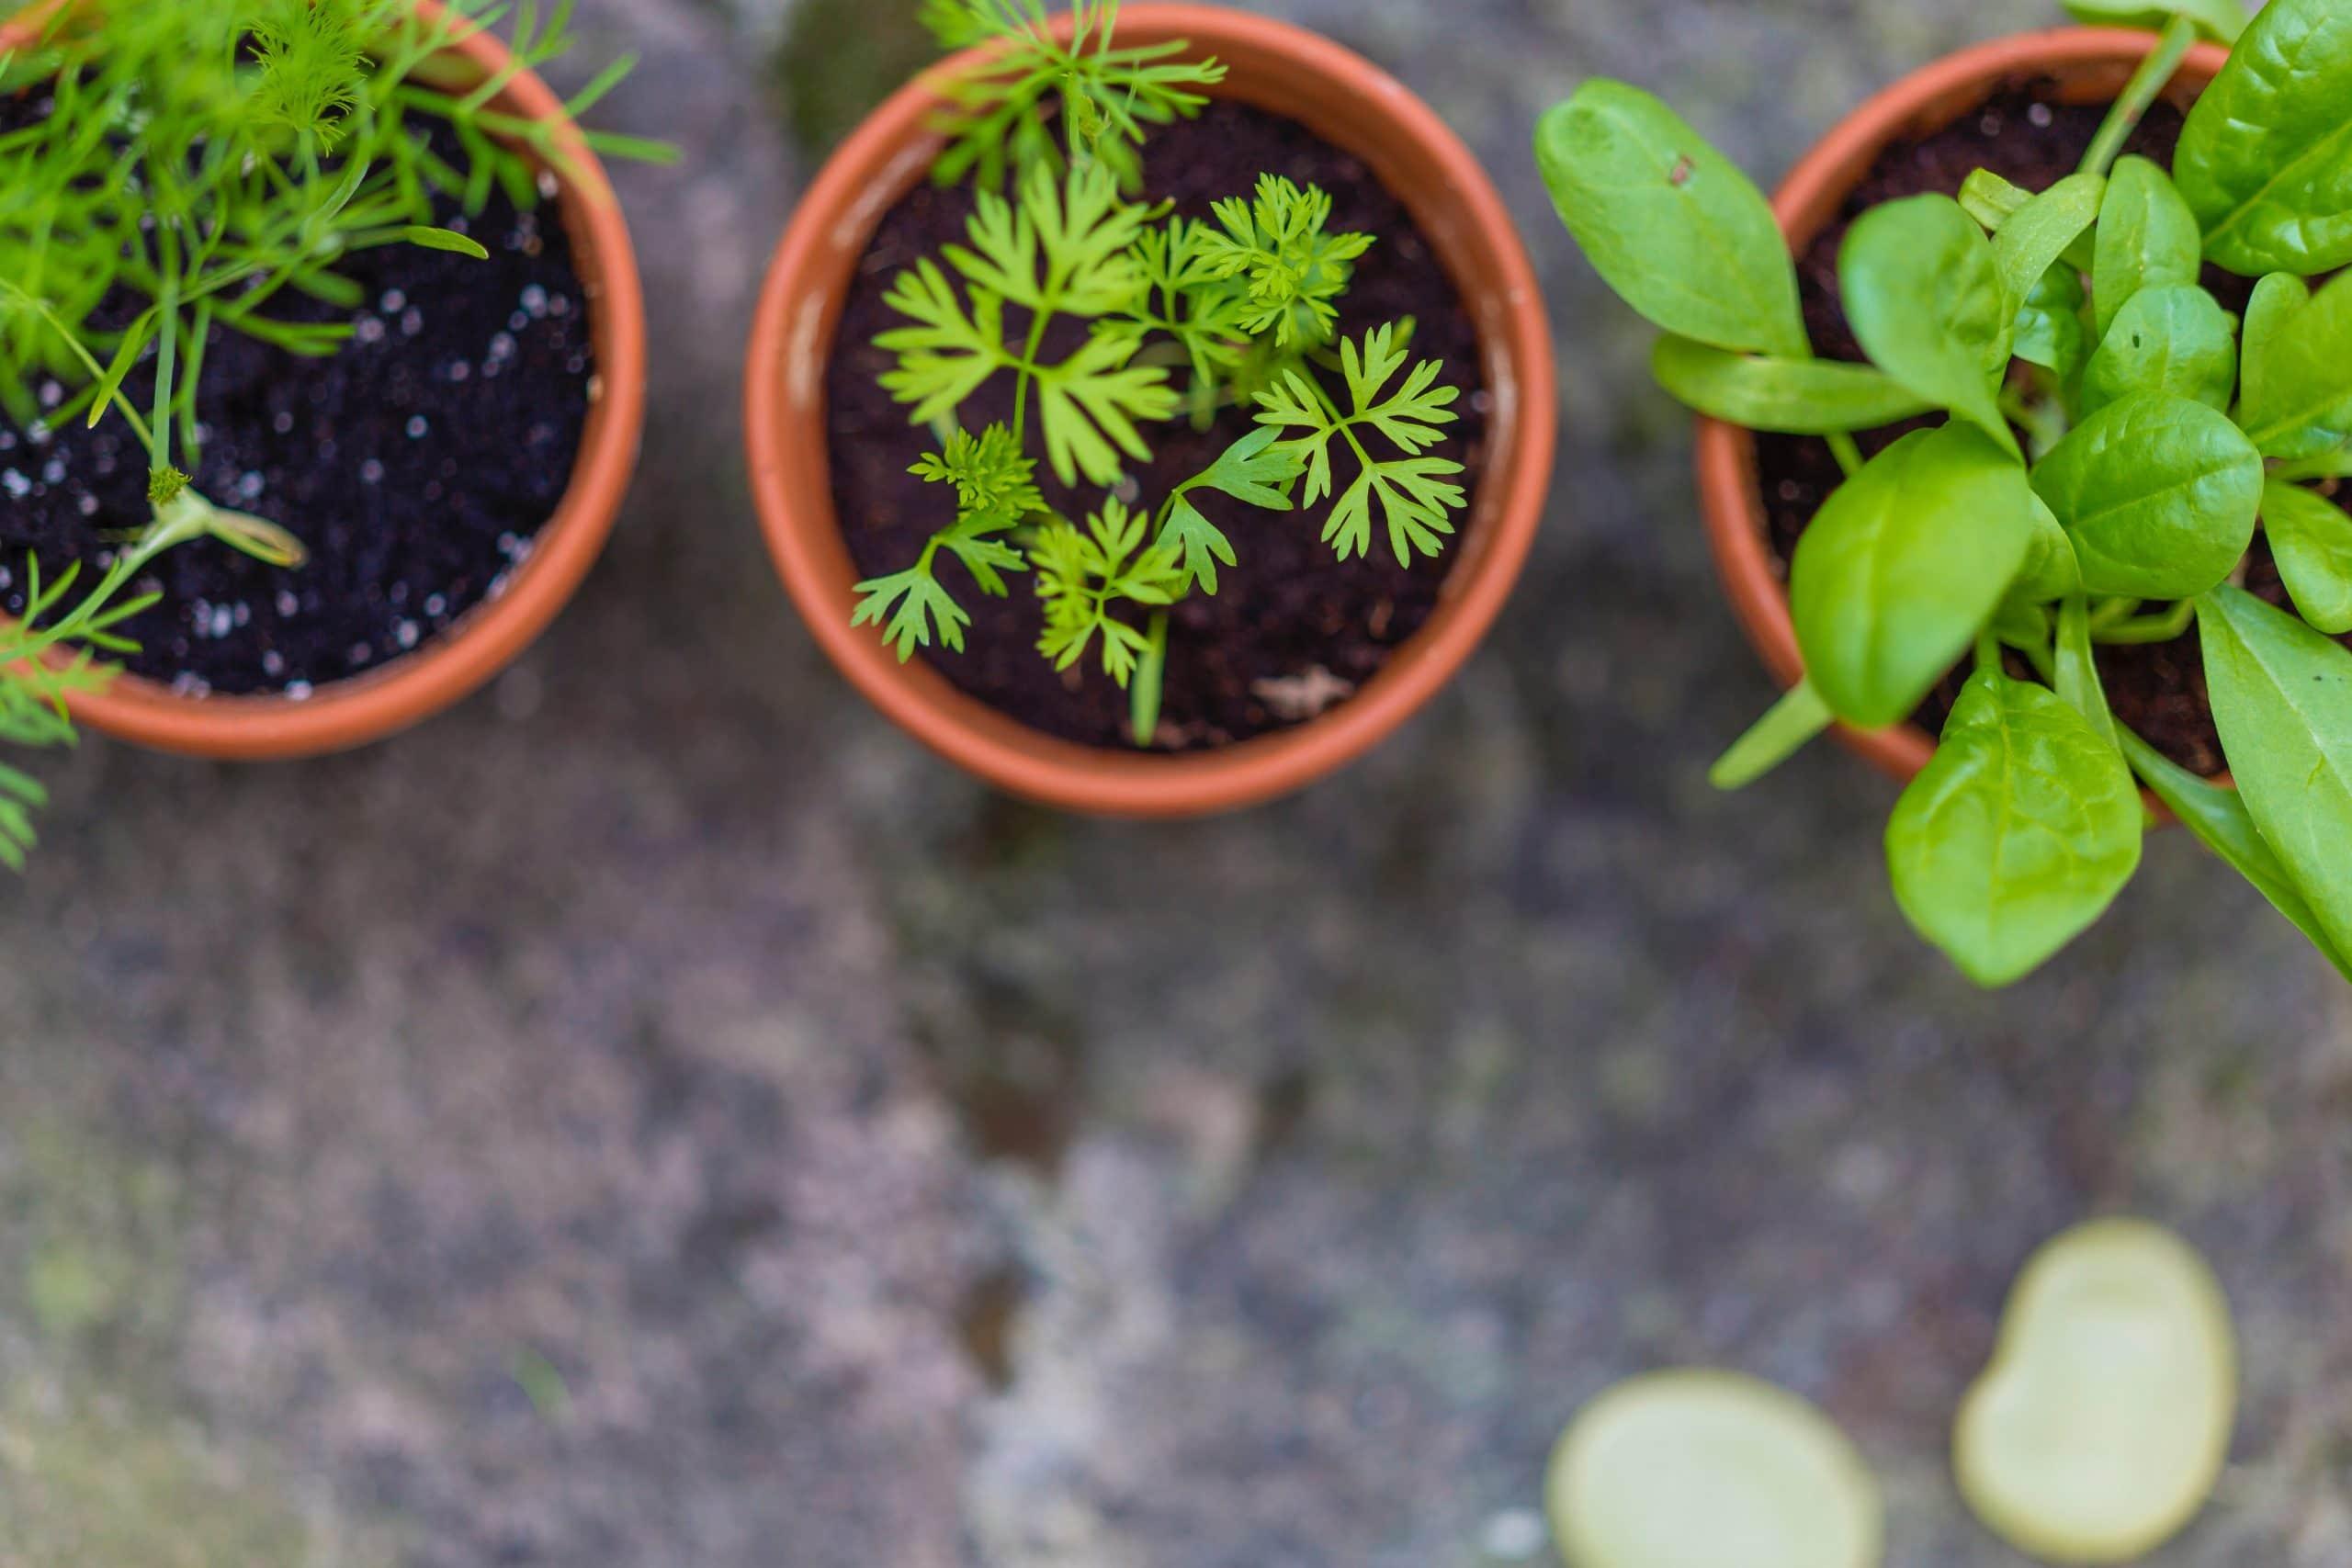 Bahçeniz yok ise balkonunuzda veya evinizde küçük saksılar içerisinde nane, fesleğen gibi taze otları keyifle yetiştirebilirsiniz.